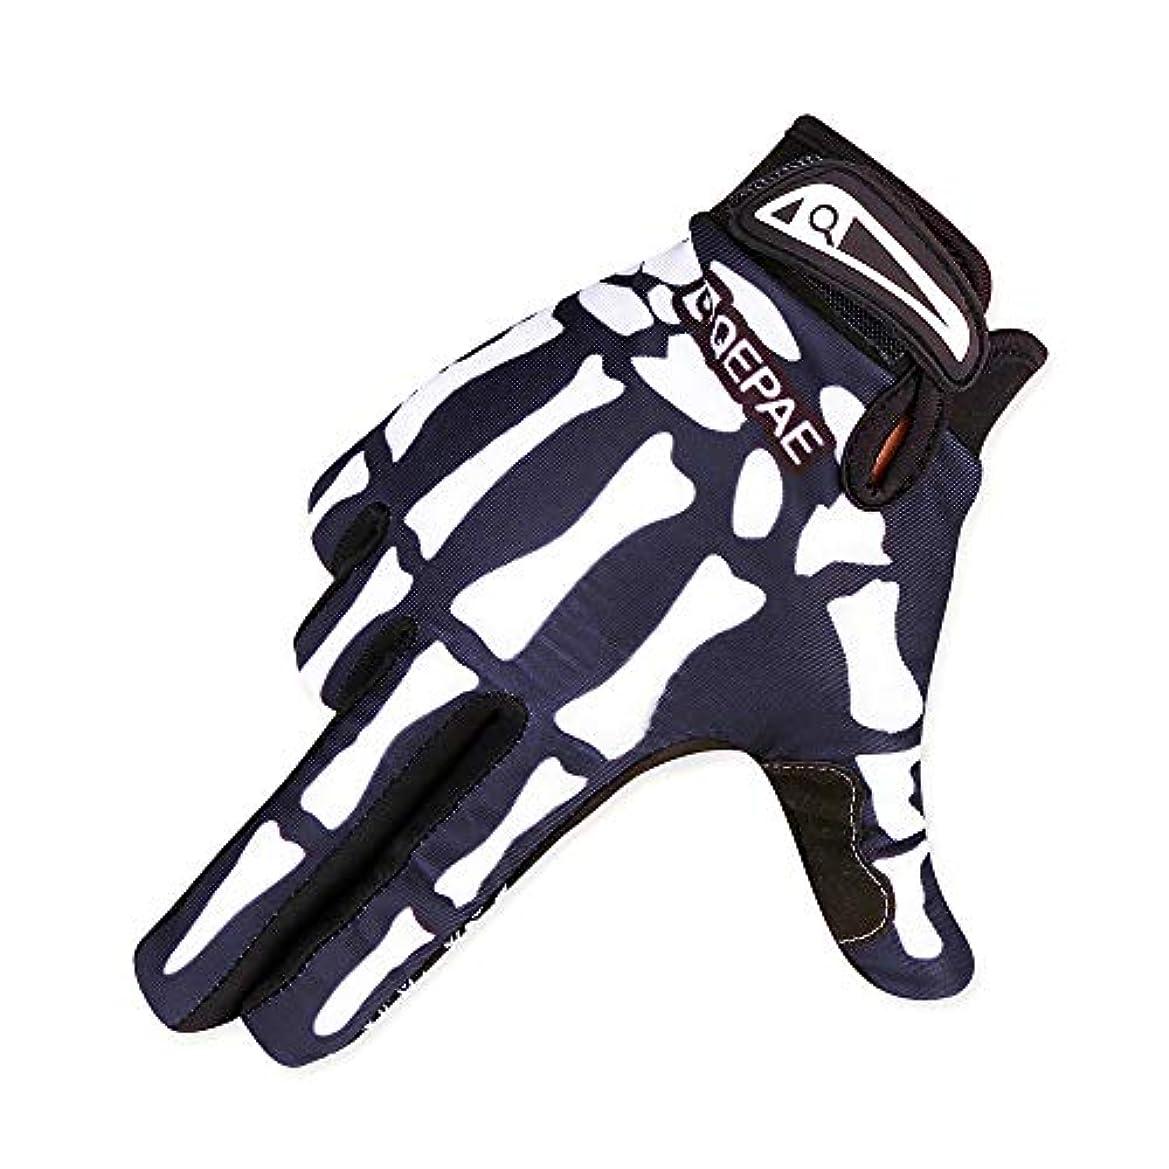 抵当推進愛手袋、自転車用手袋、伸縮性がある生地、柔らかく、速乾性の通気性、肥厚した衝撃吸収パッド、滑り止めの指先,L